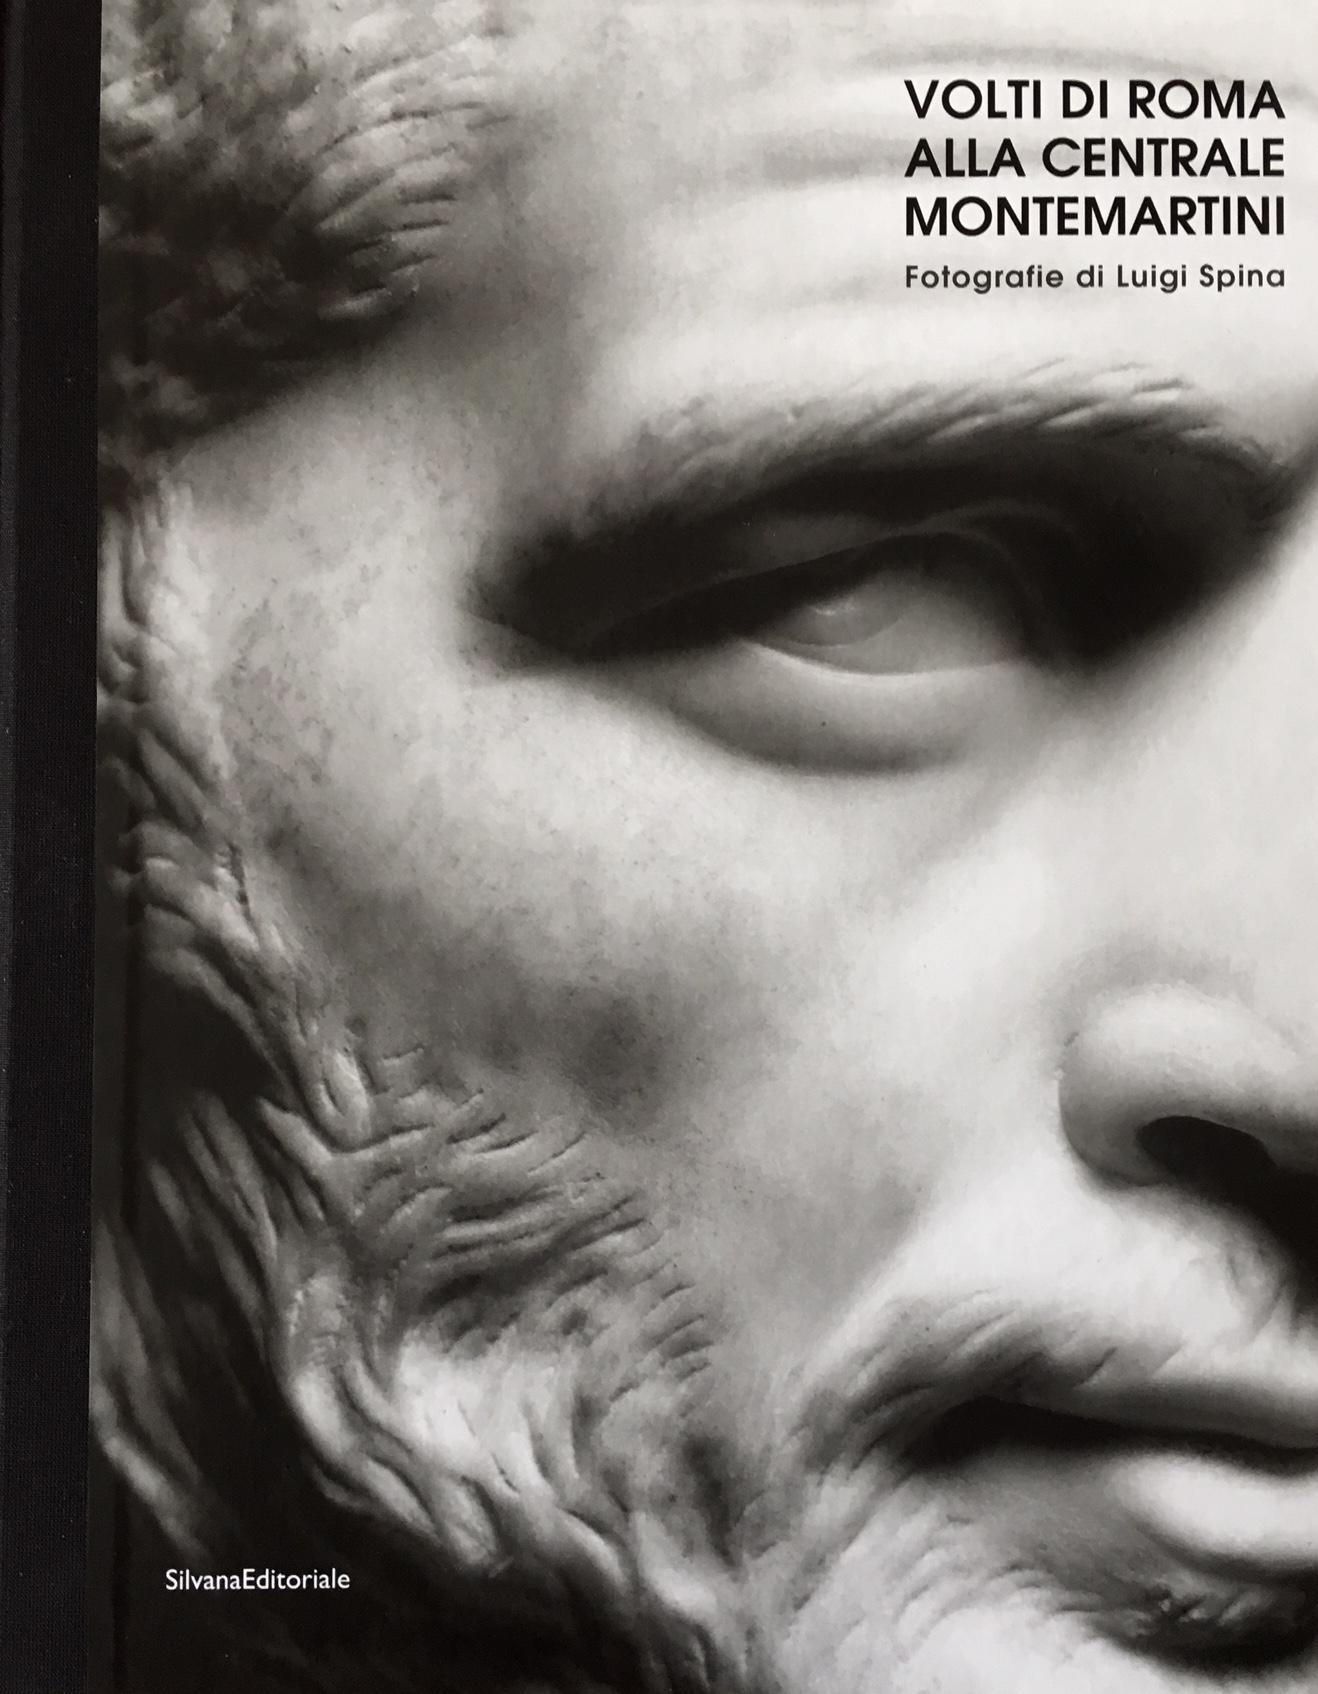 Volti di Roma Centrale Montemartini